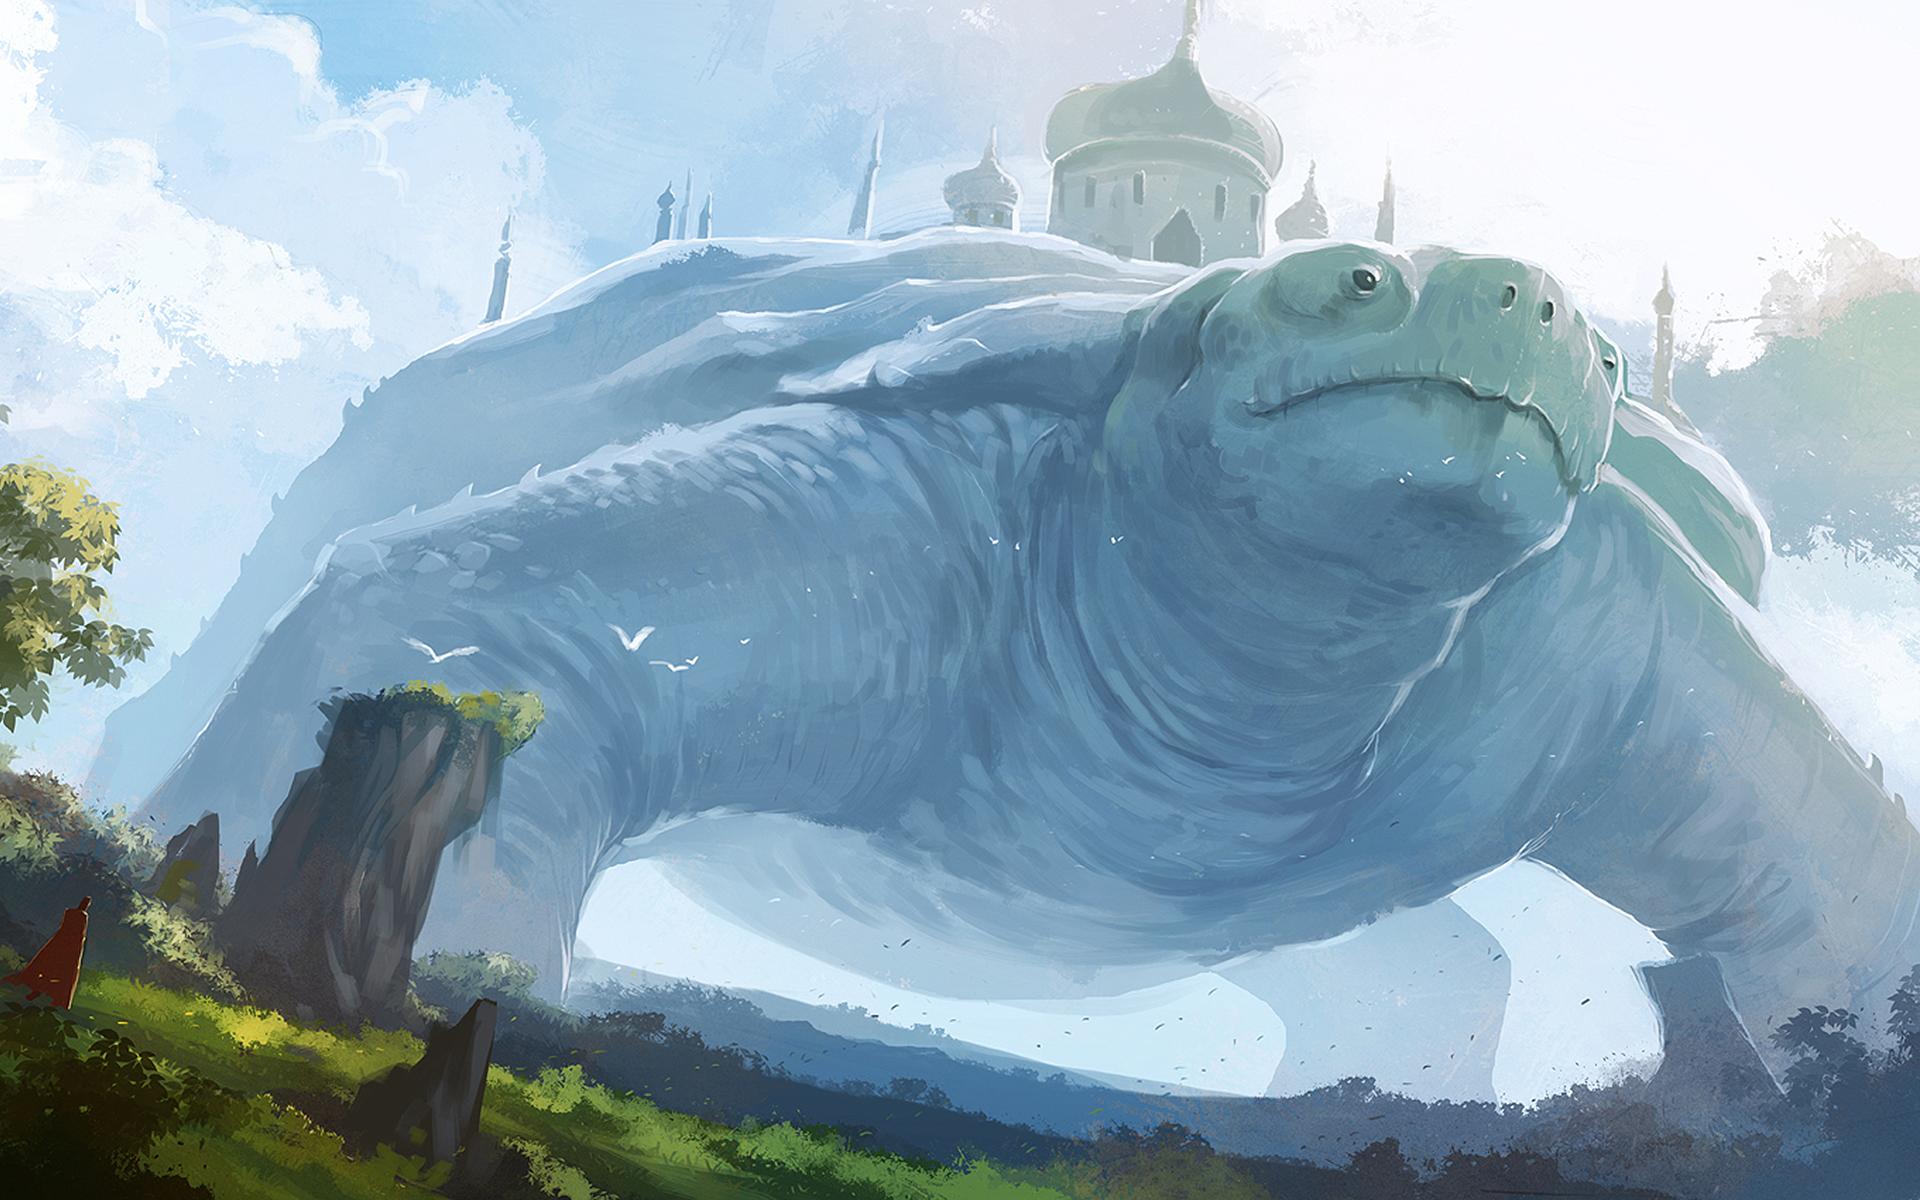 Fantasy giant turtle